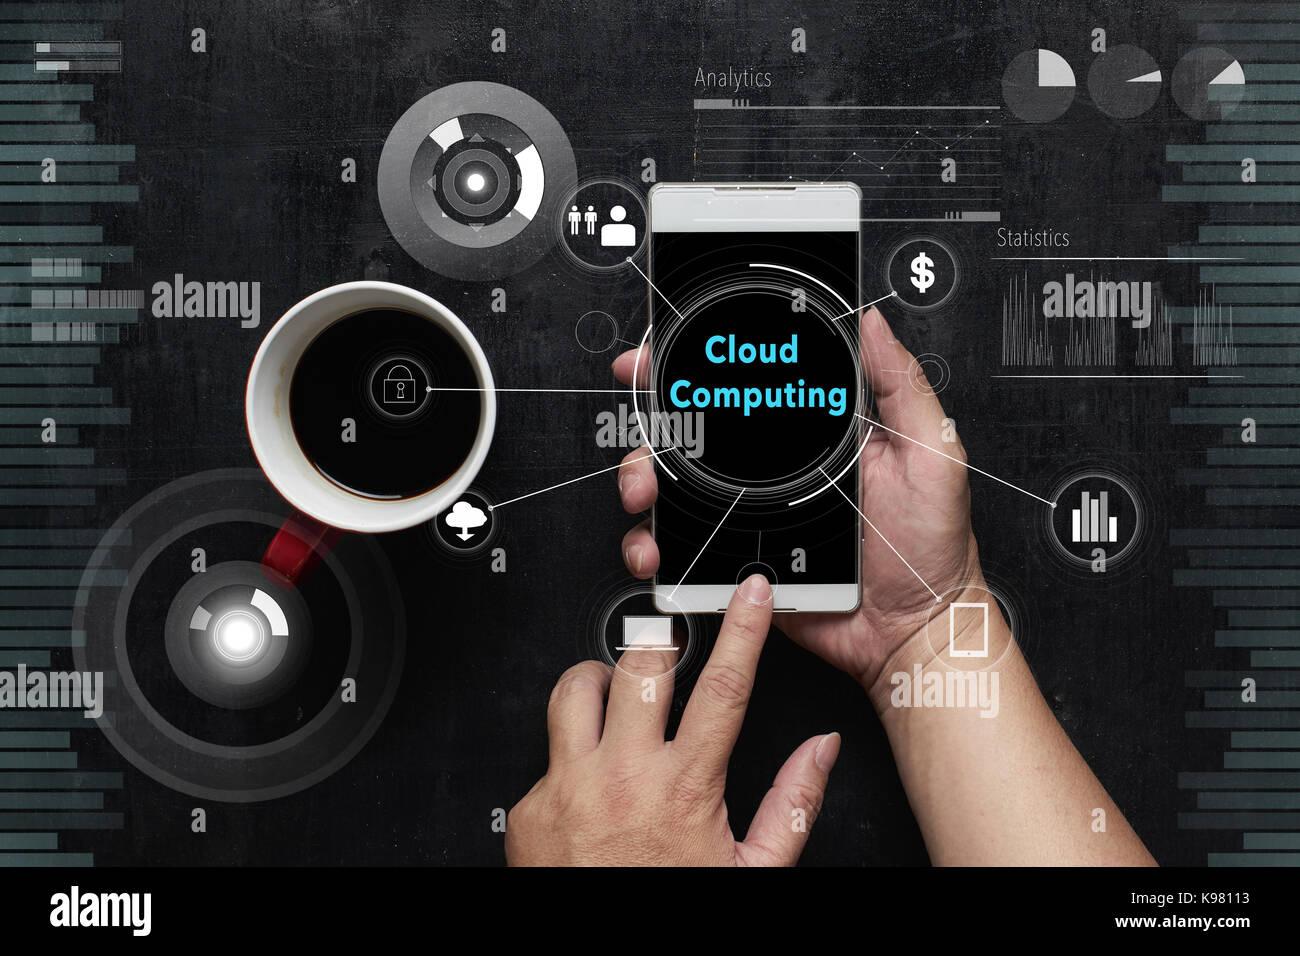 L'homme en utilisant l'appareil numérique avec 'cloud computing' mot sur l'écran virtuel Photo Stock